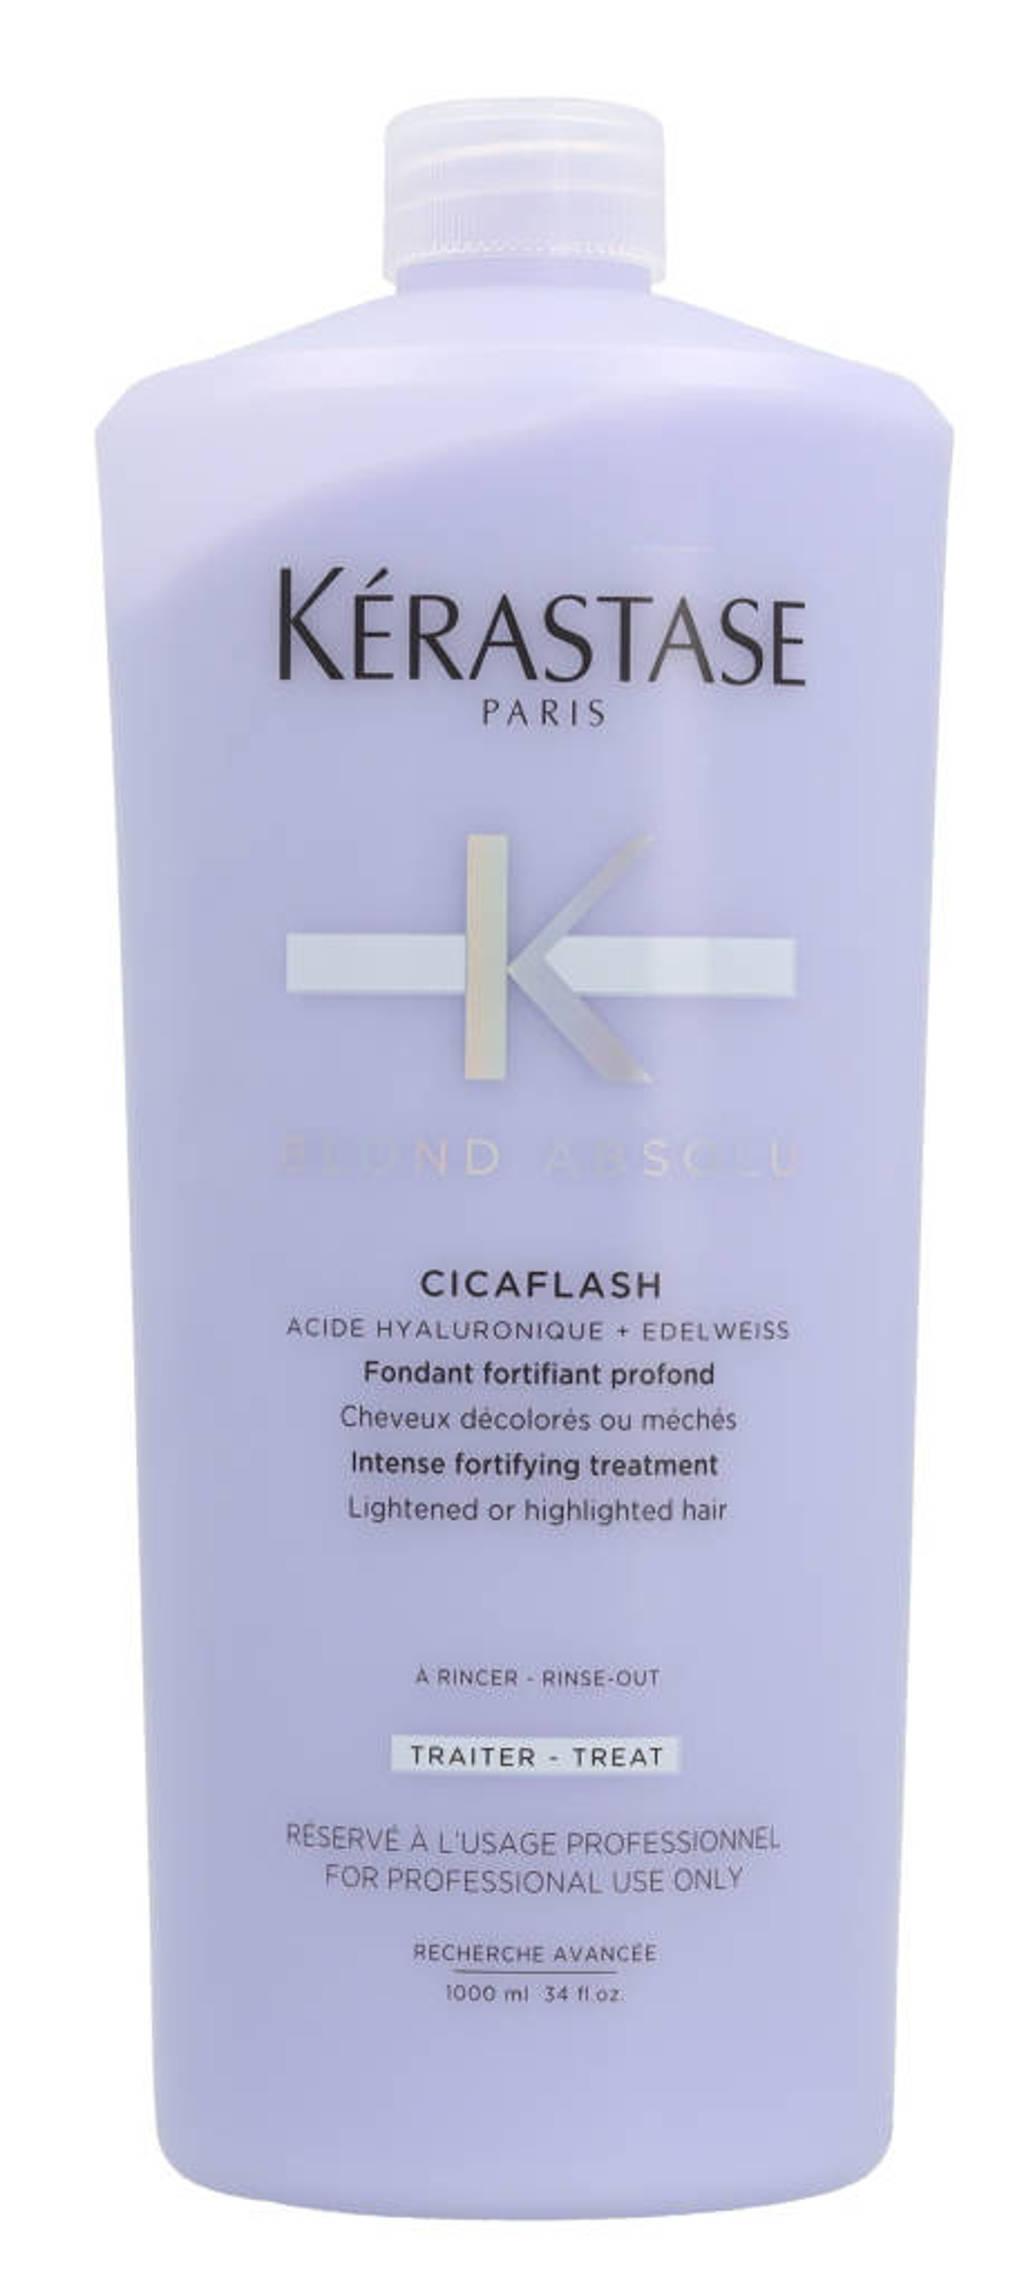 Kerastase Blond Absolu Cicaflash - 1000 ml